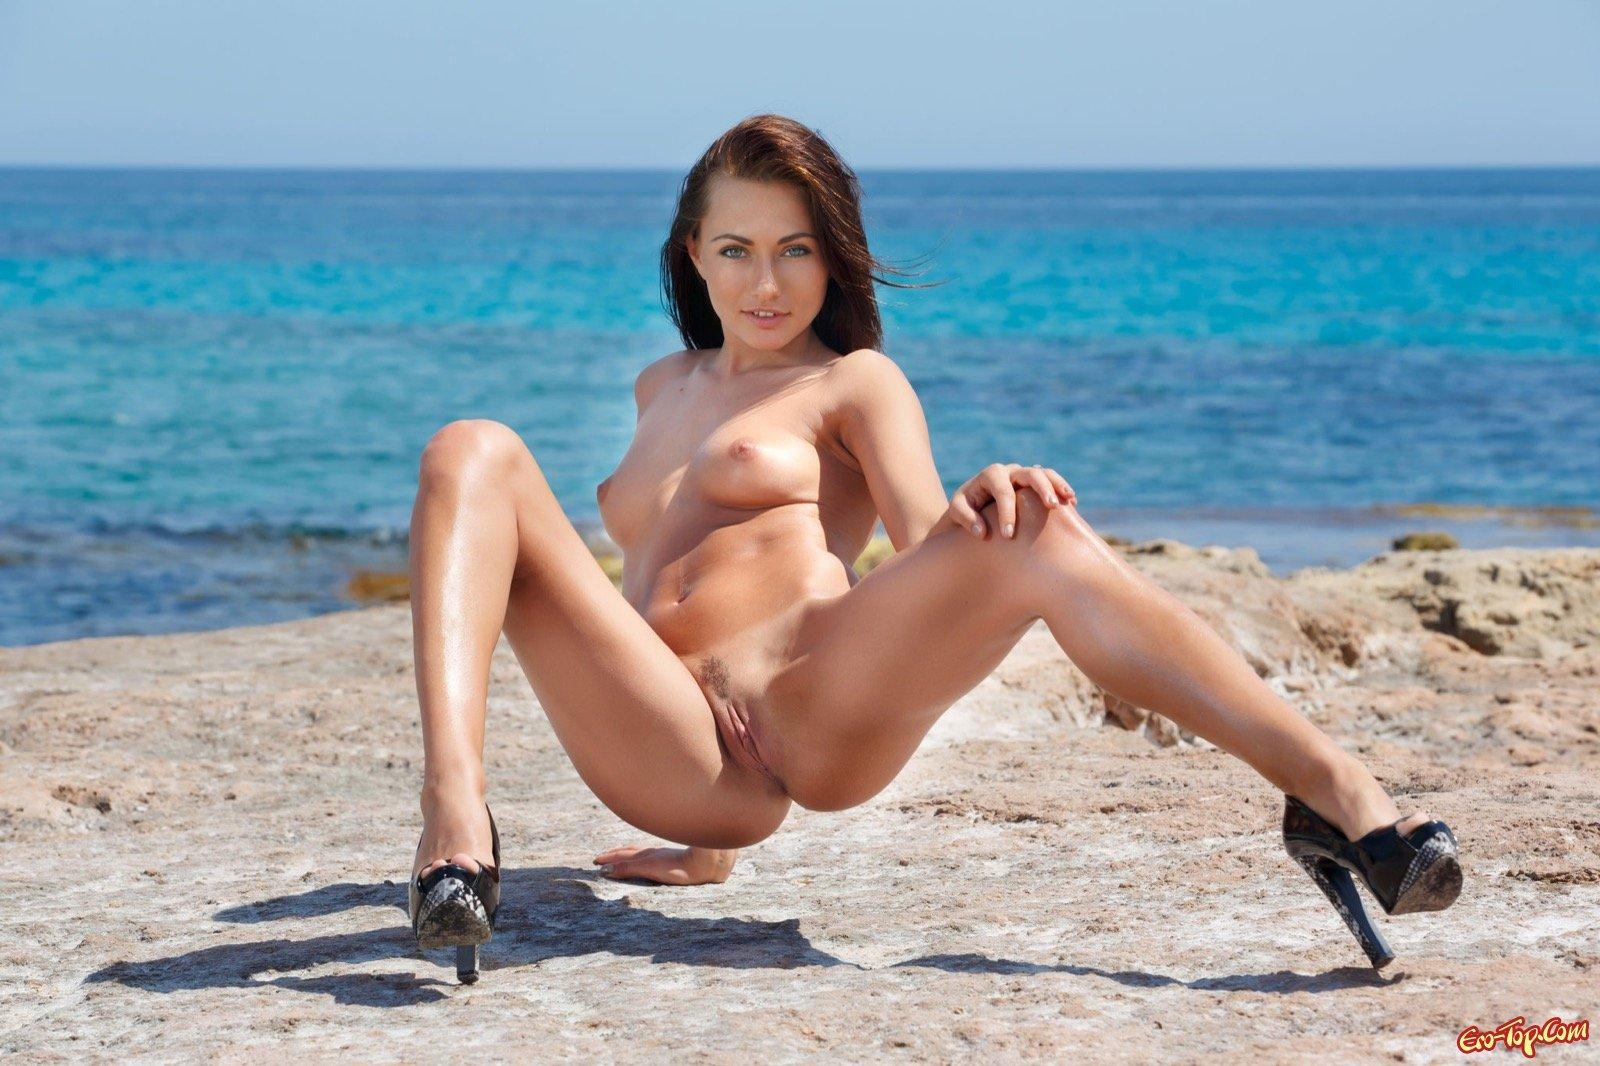 Стройняшка в туфлях стягивает купальник на море смотреть эротику